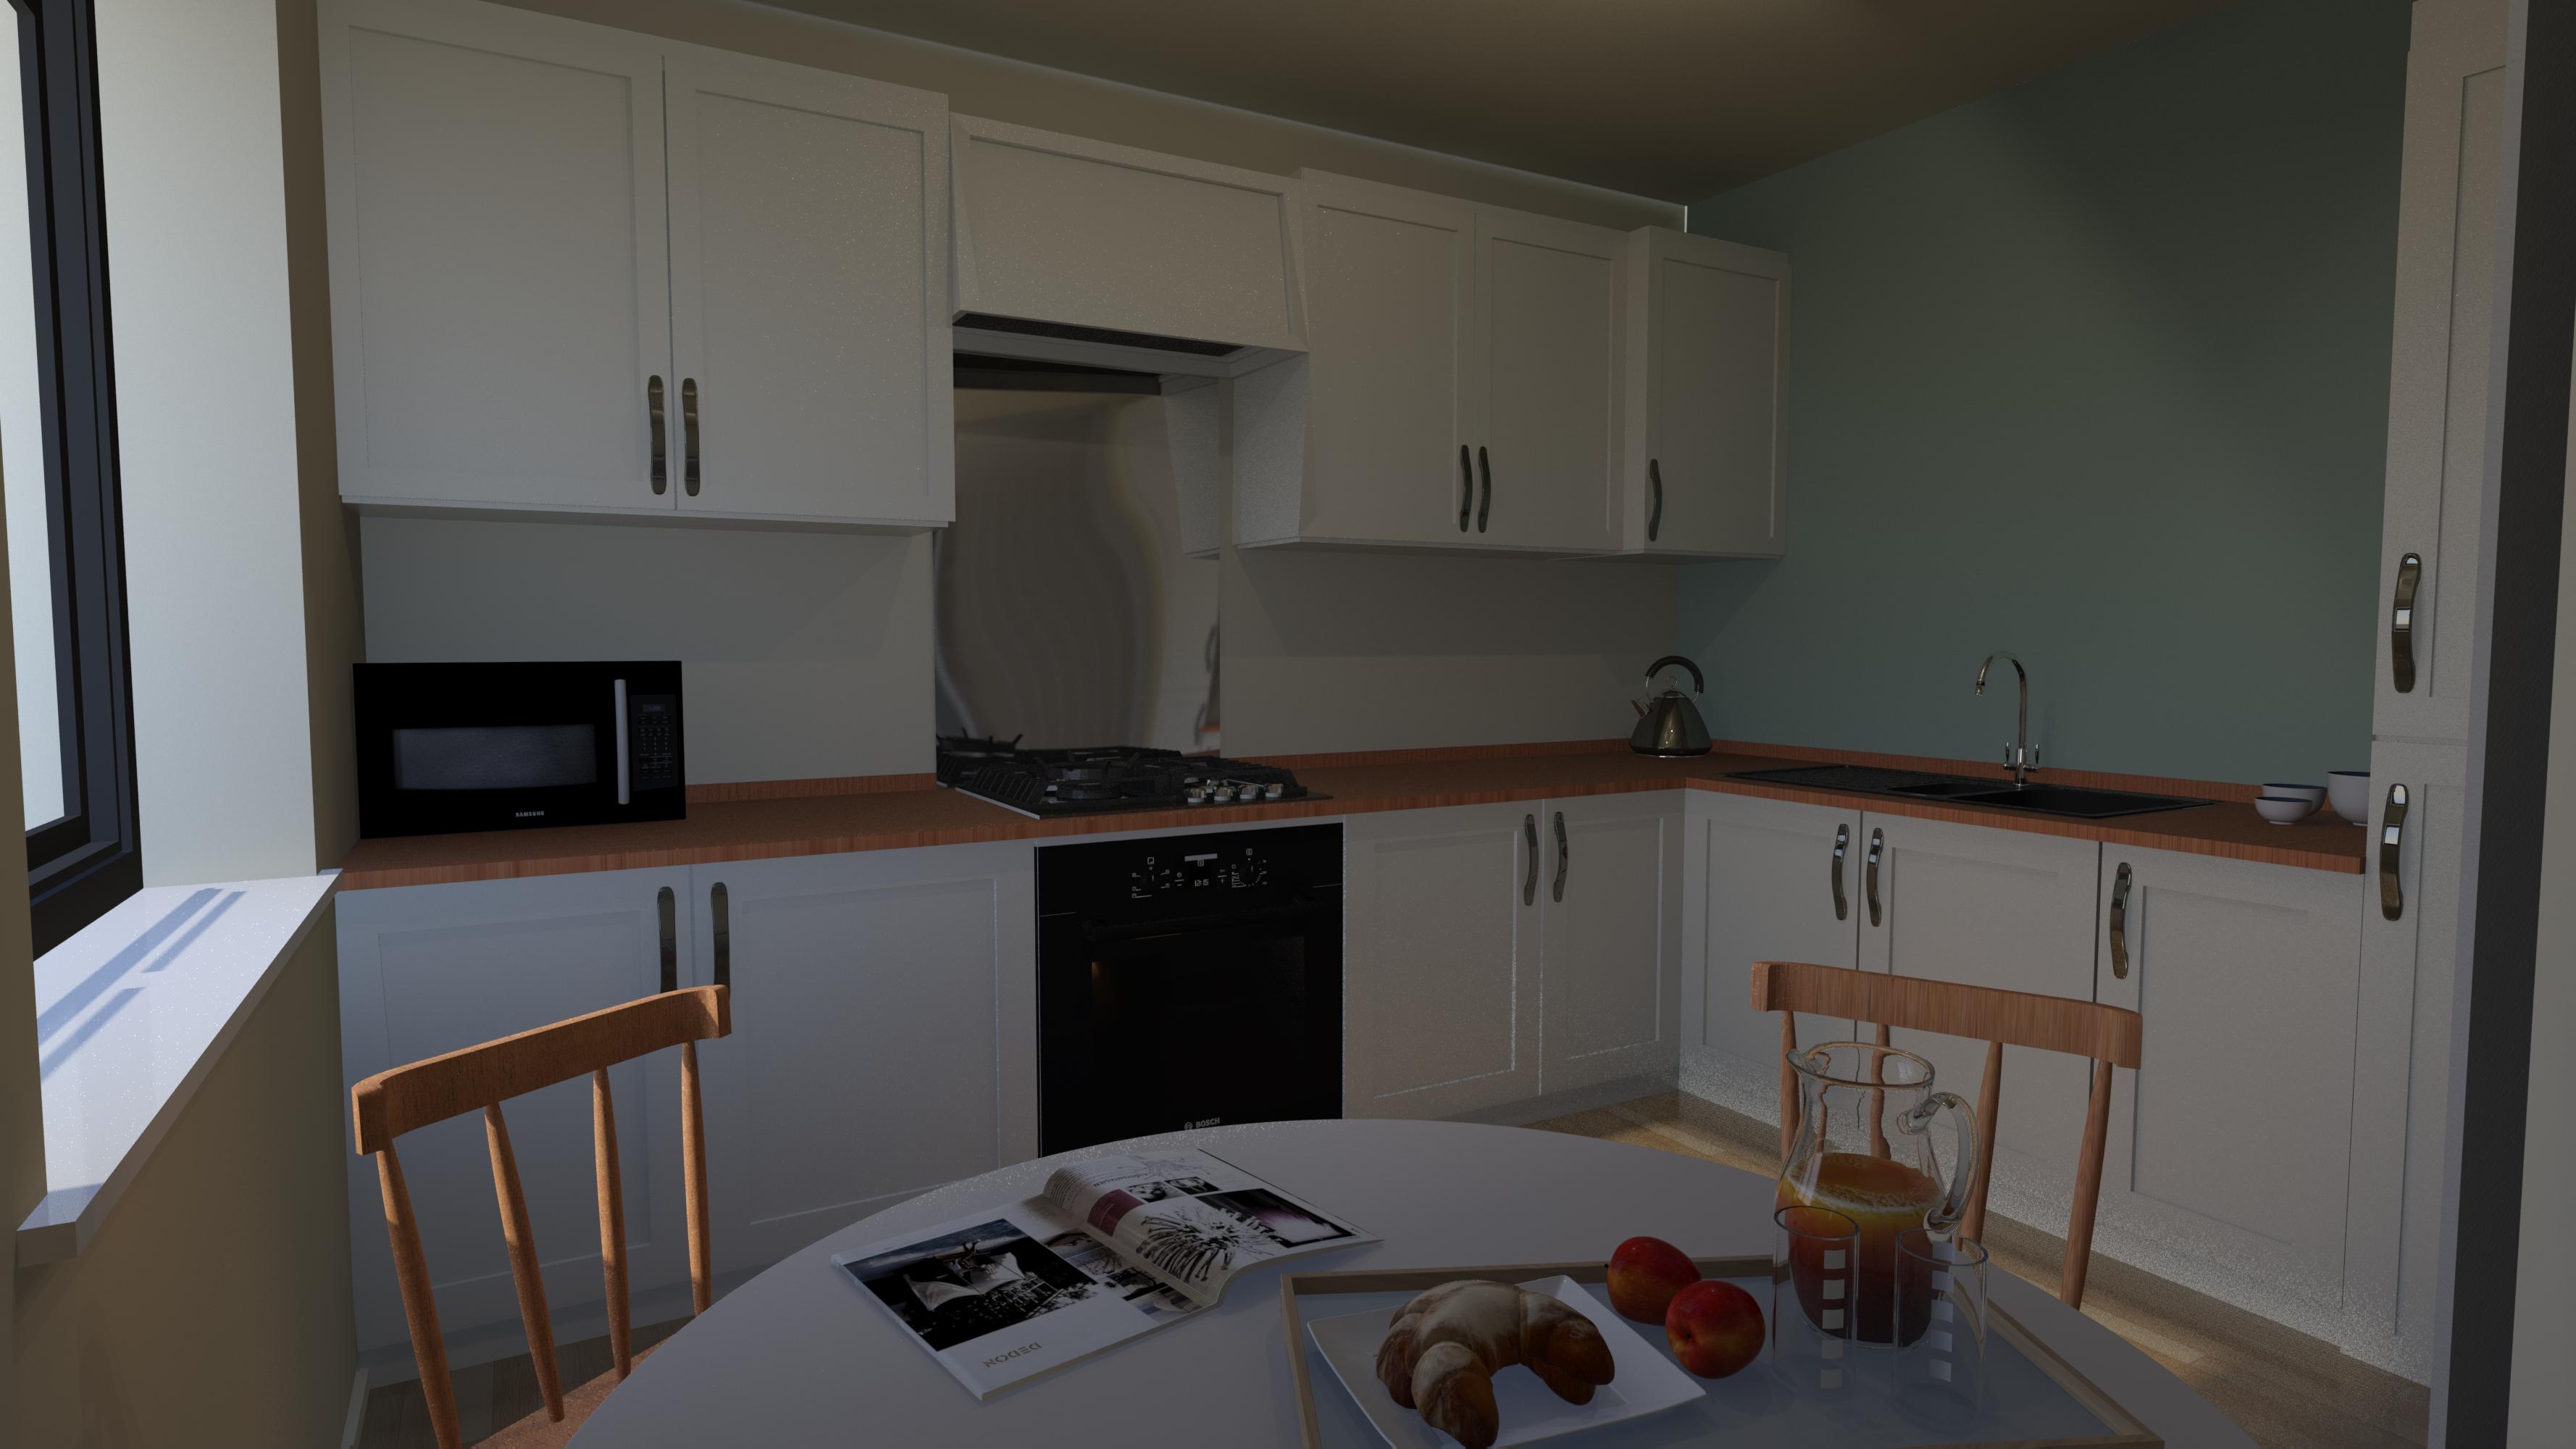 Powell kitchen HD 1